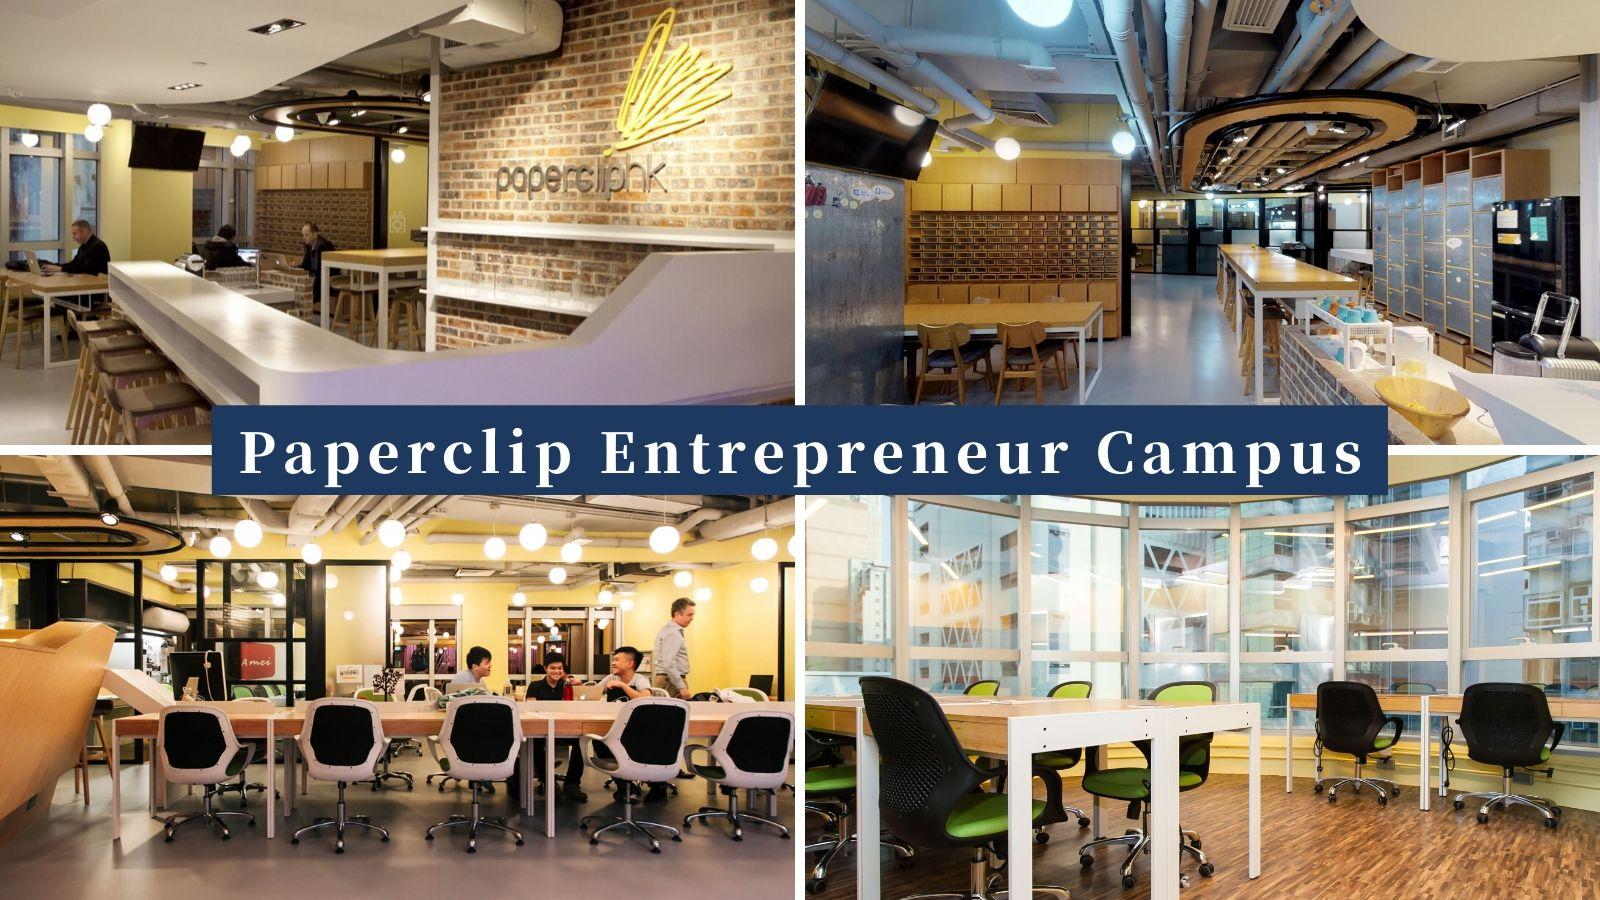 Paperclip Entrepreneur Campus